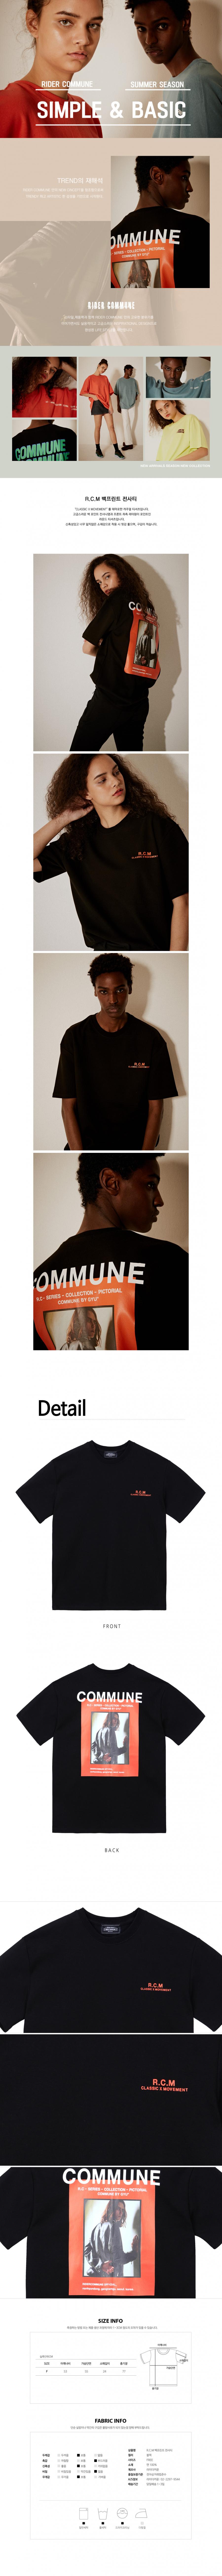 라이더커뮨(RIDER COMMUNE) R.C.M 후면 전사 프린트 티셔츠 (남여공용)